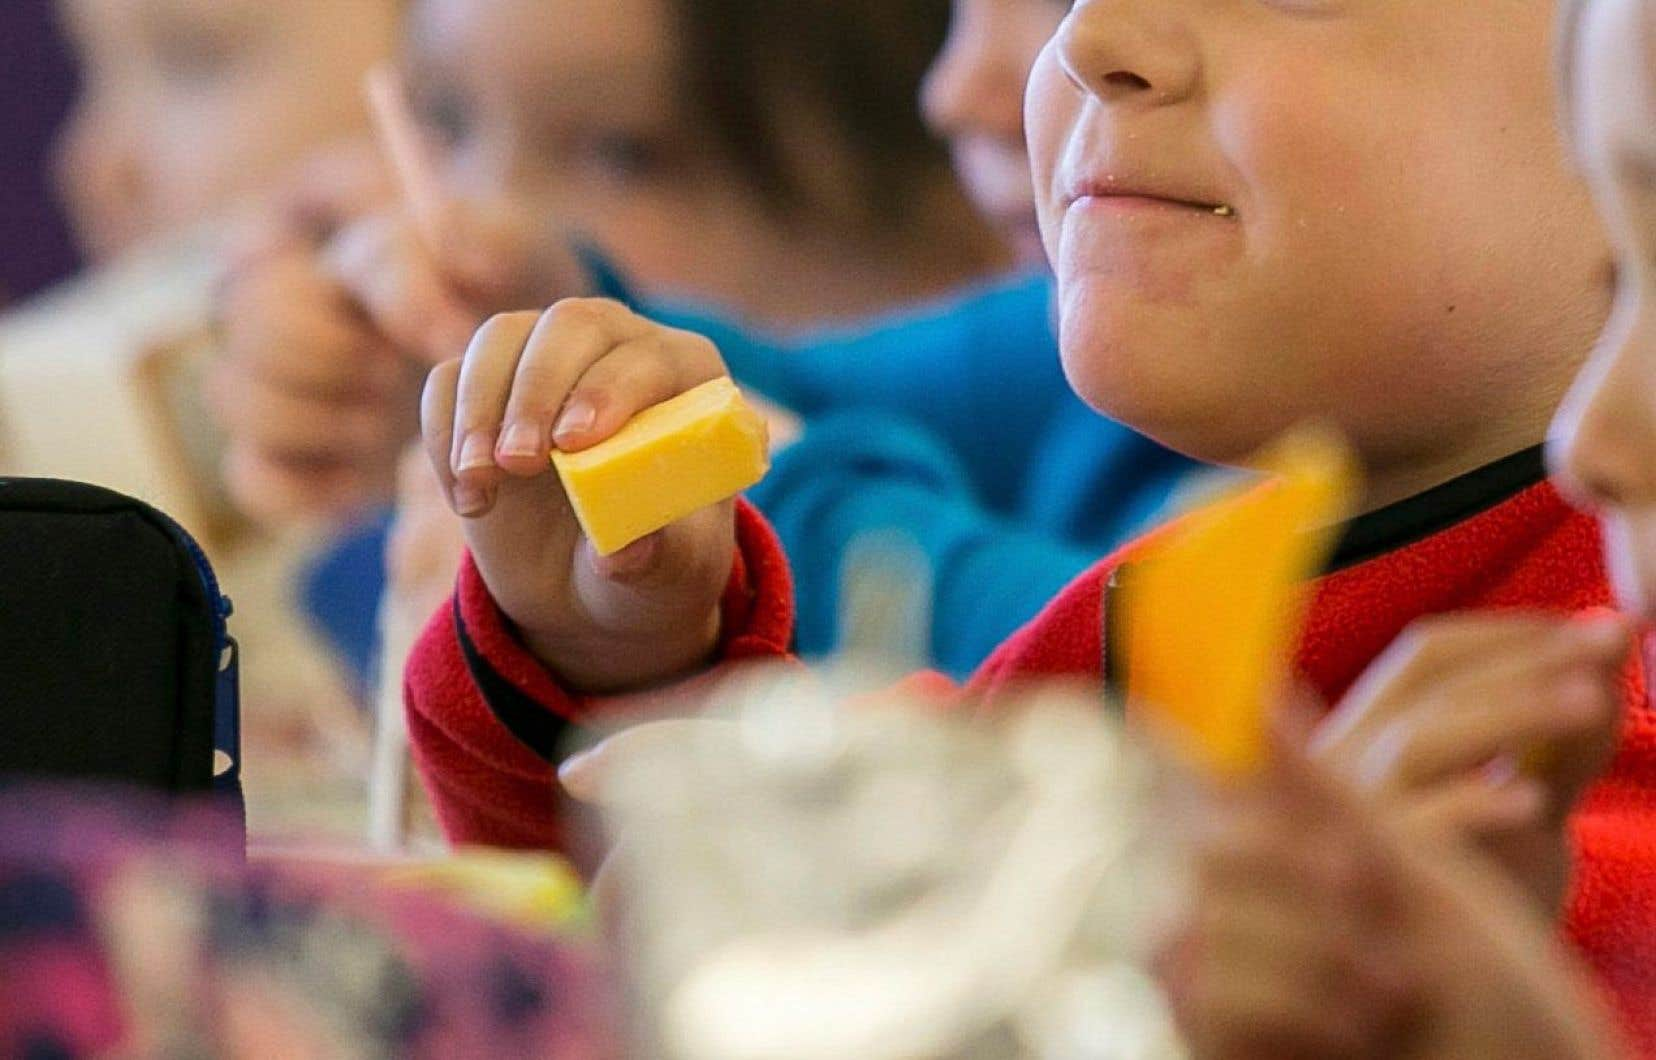 Le surpoids et l'obésité connaissent un développement rapide, avec 40millions de jeunes enfants touchés, y compris dans les pays pauvres.